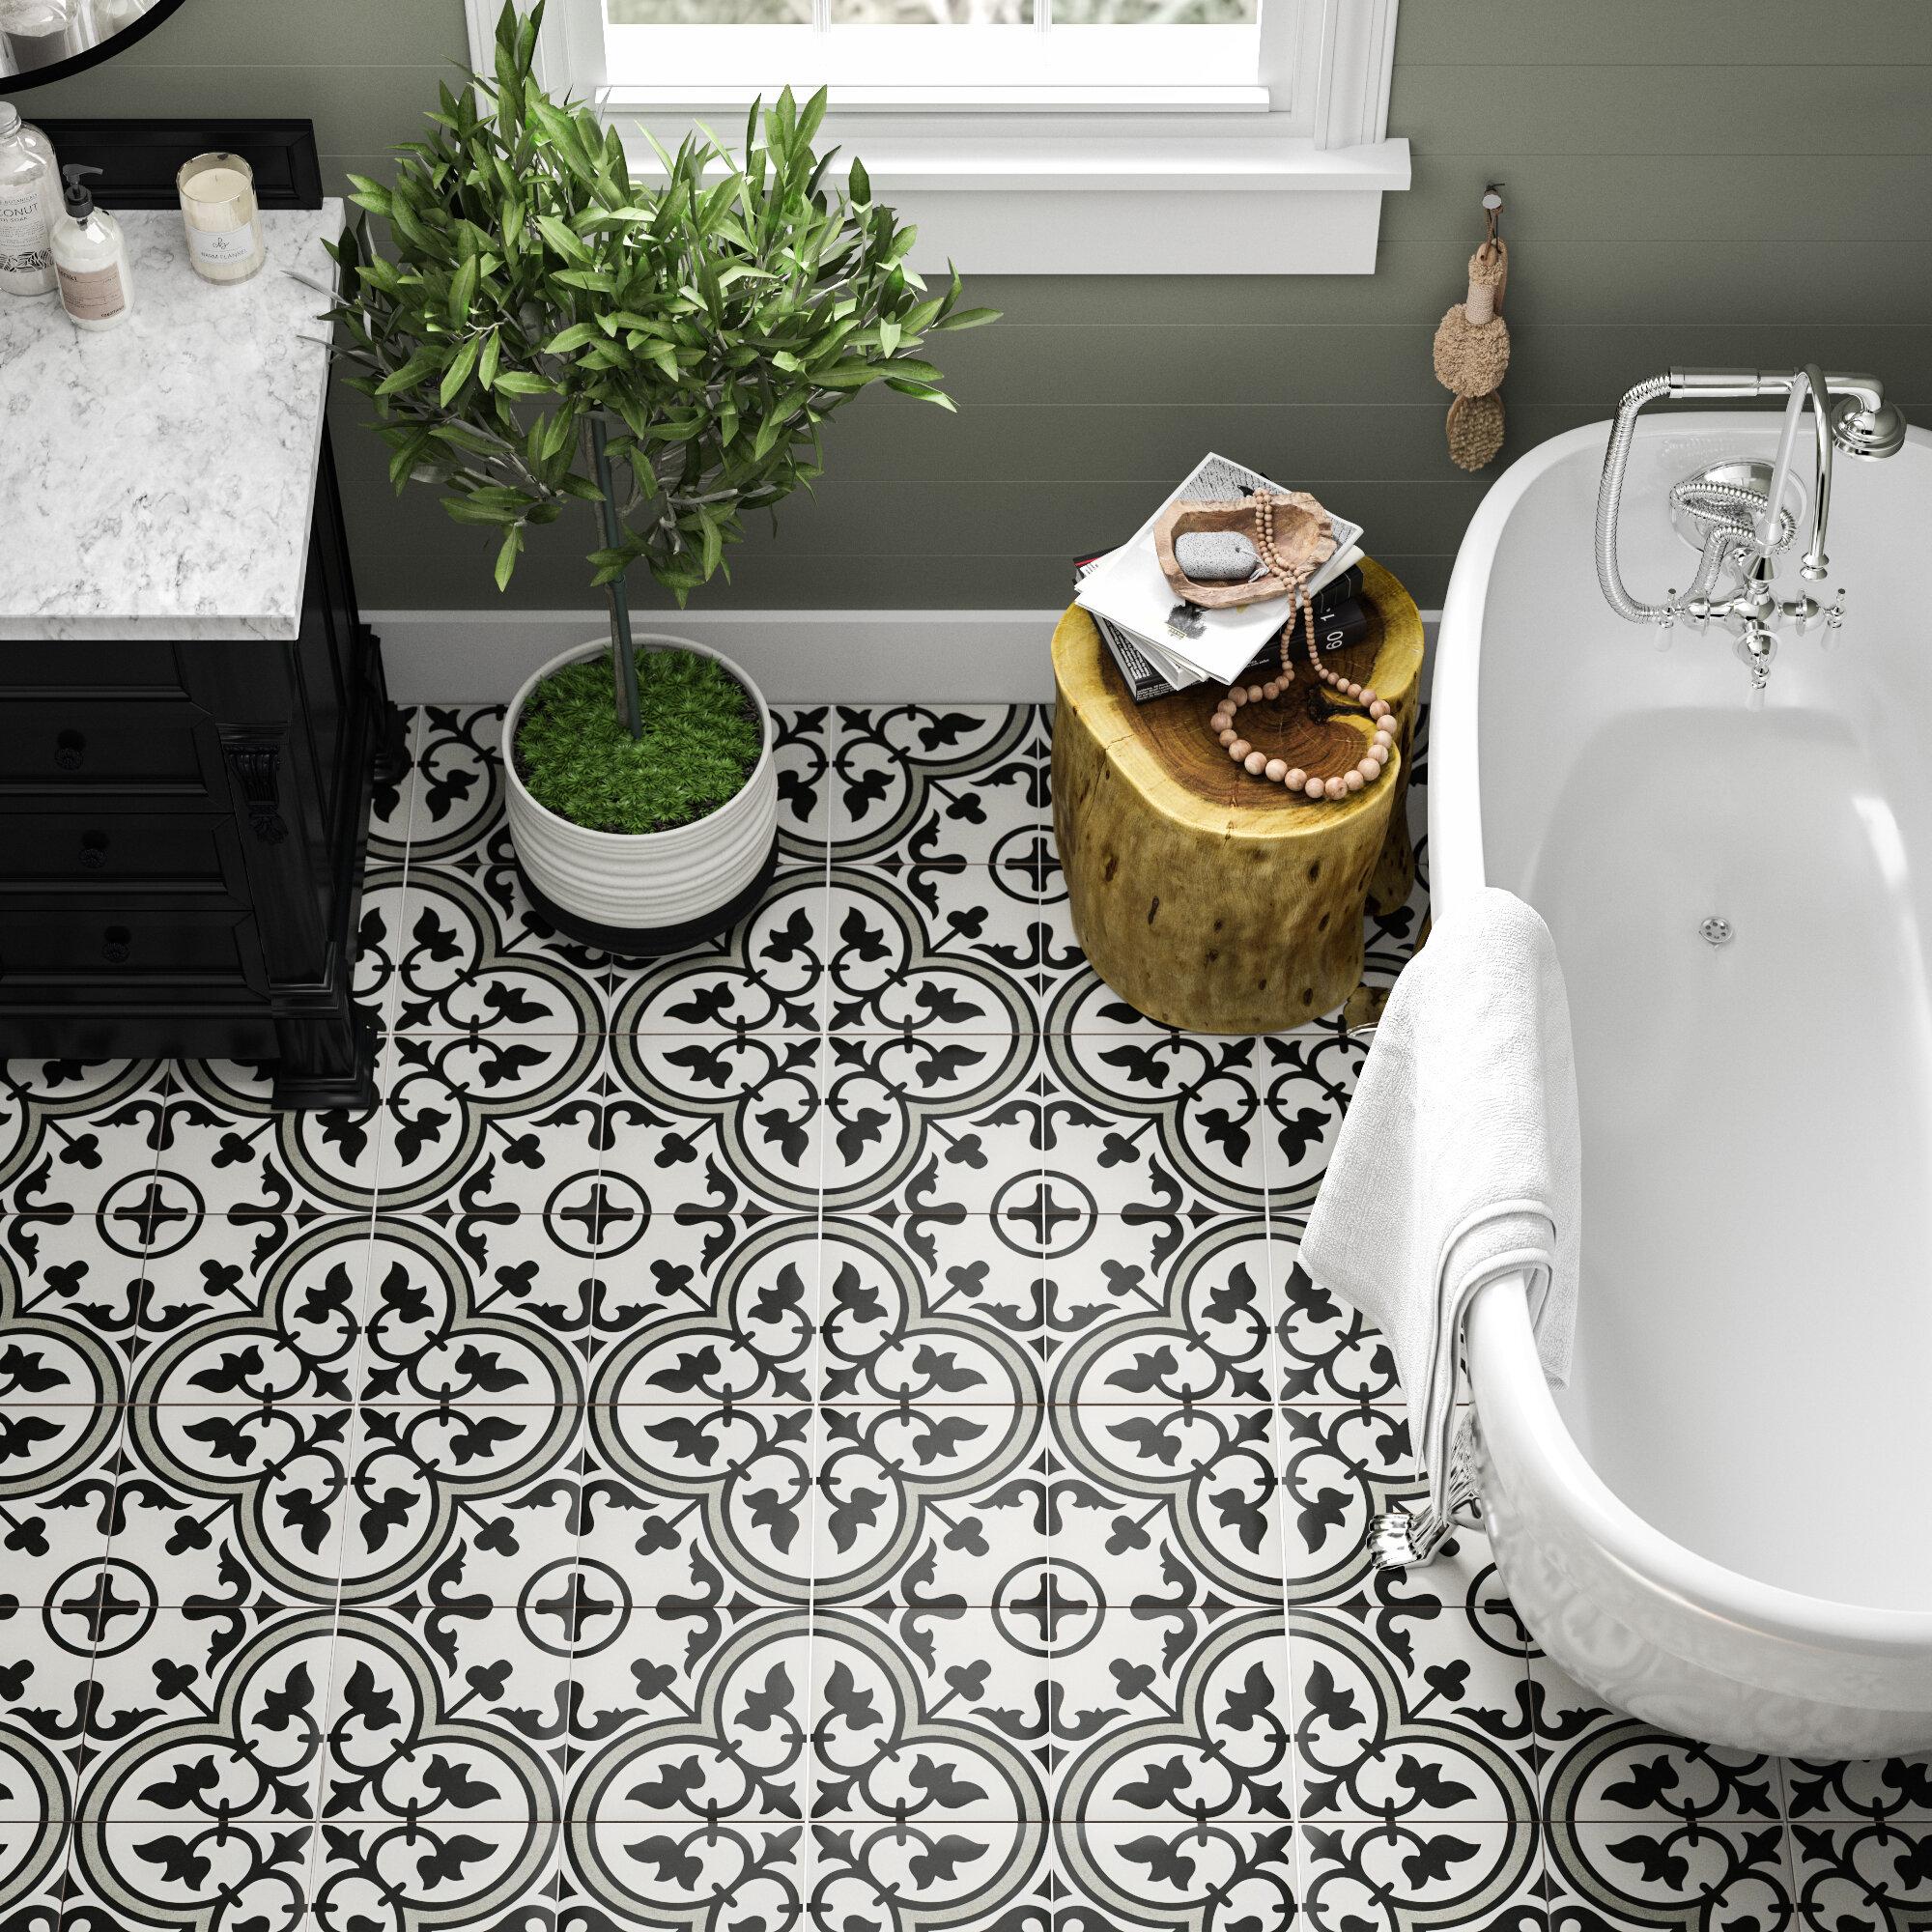 Pressed Porcelain Floor Tile